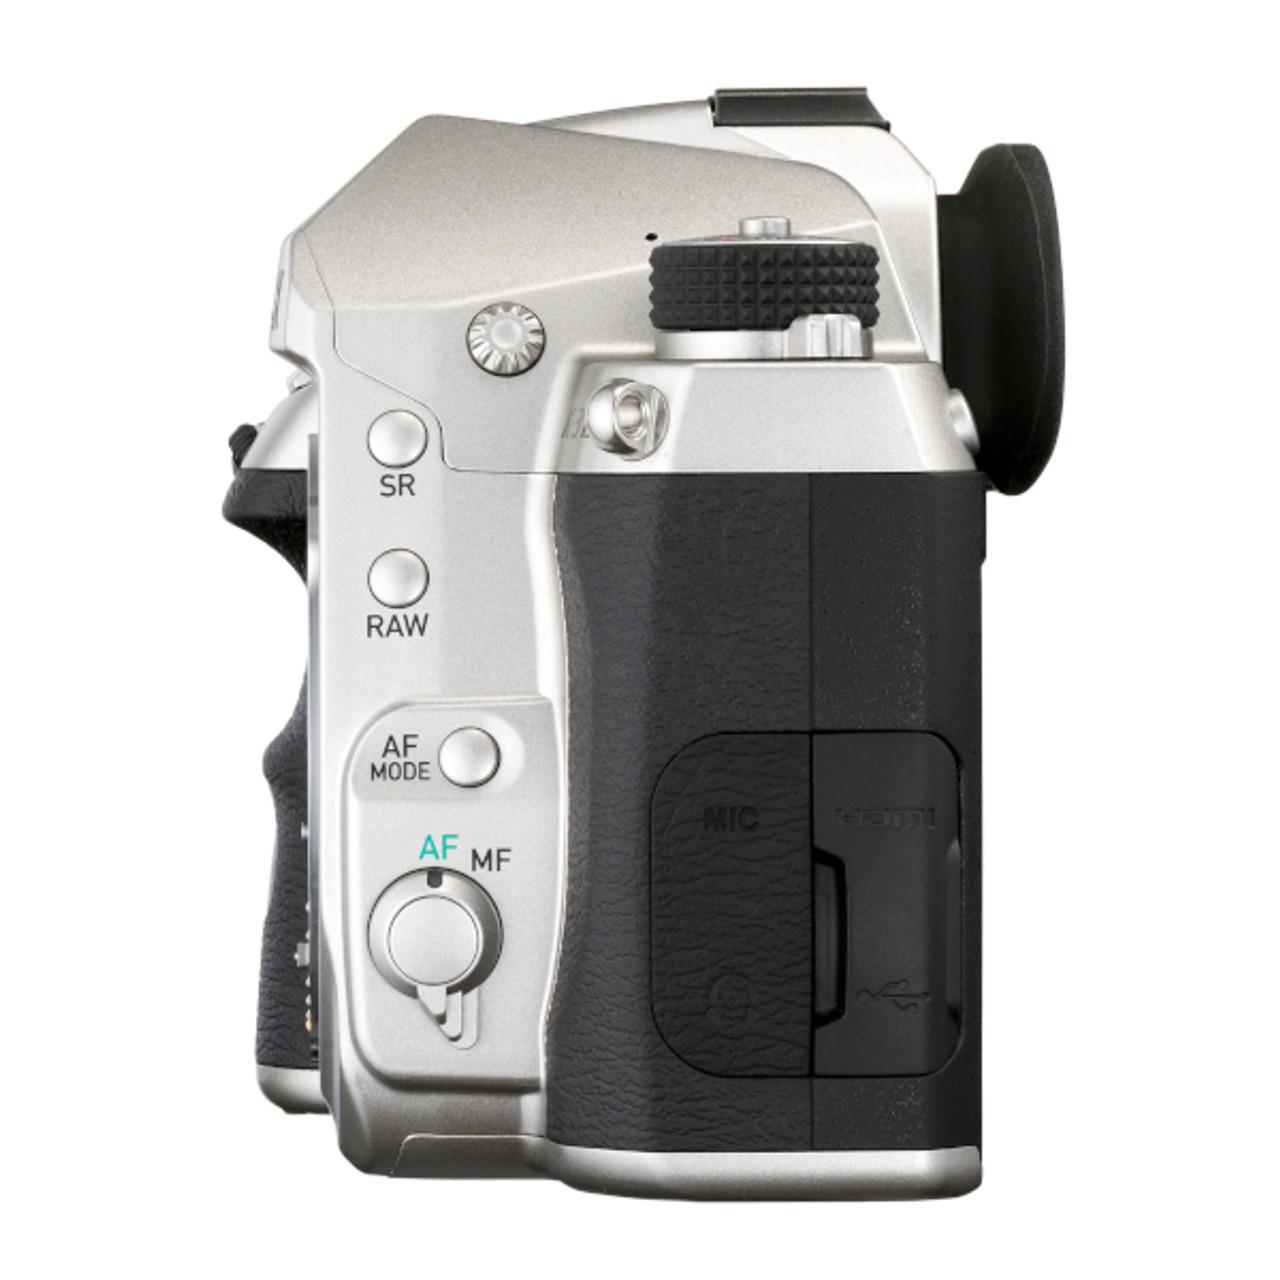 Pentax K-3 Mark III Body Only - Silver